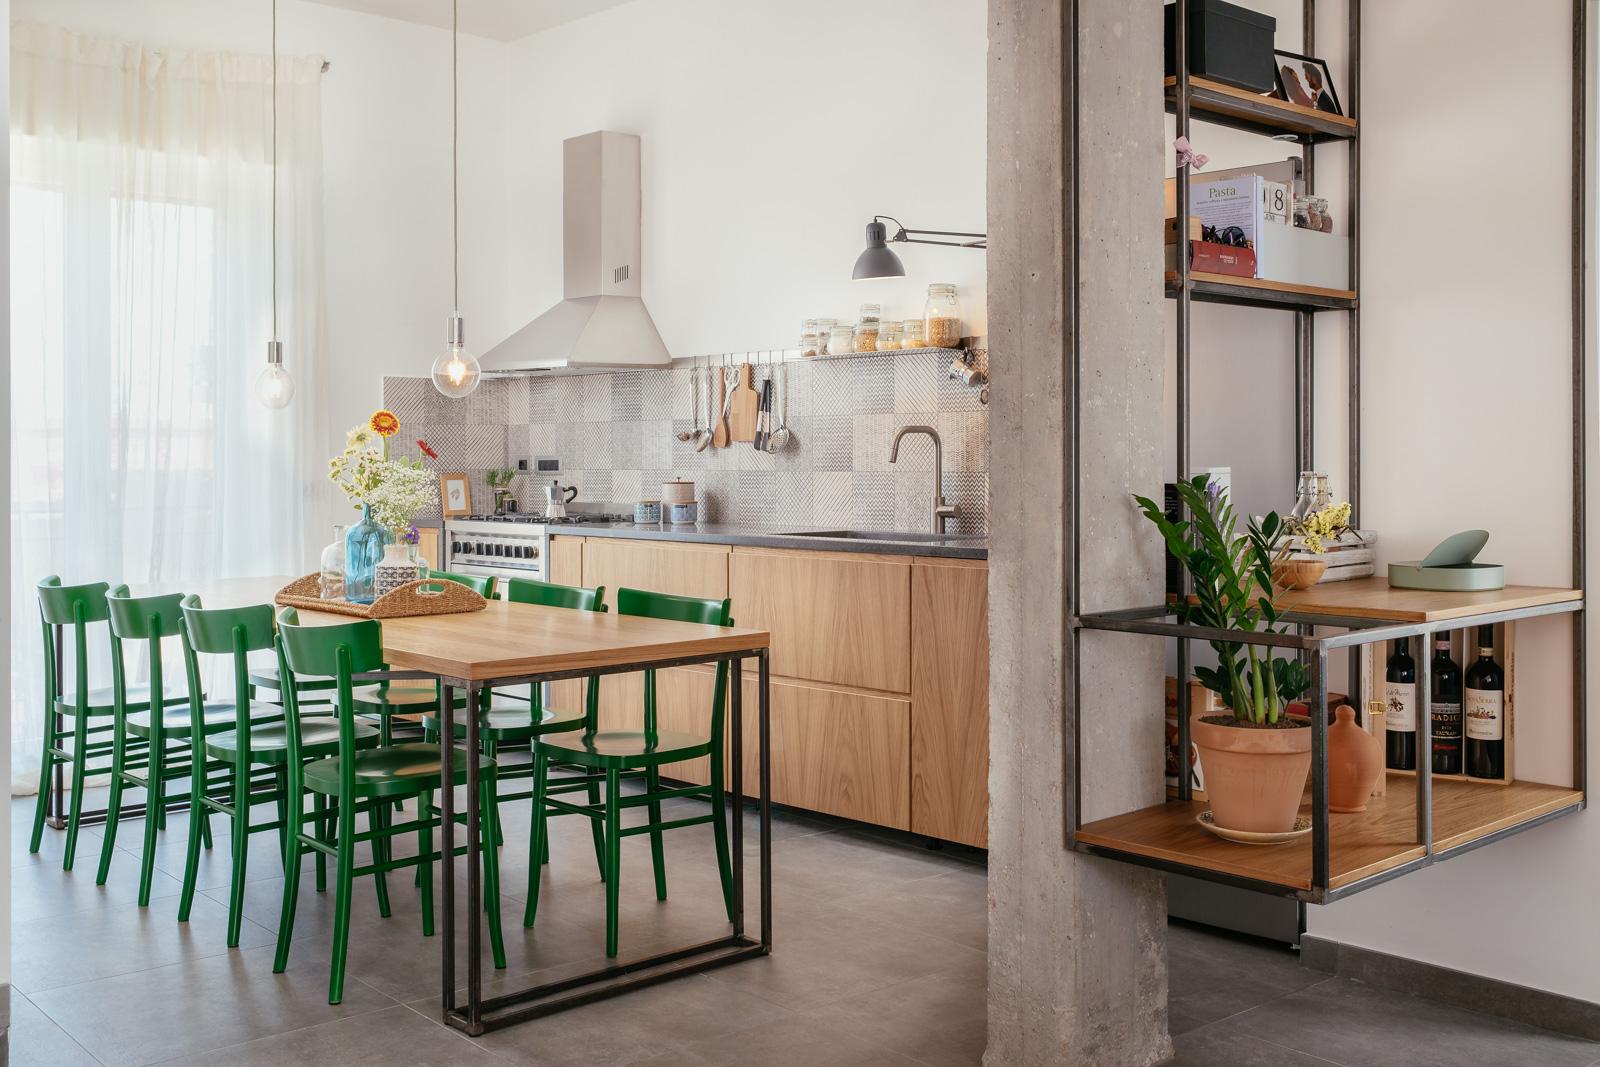 appartamento ristrutturato casalnuovo di napoli struttura in ferro libreria parete attrezzata